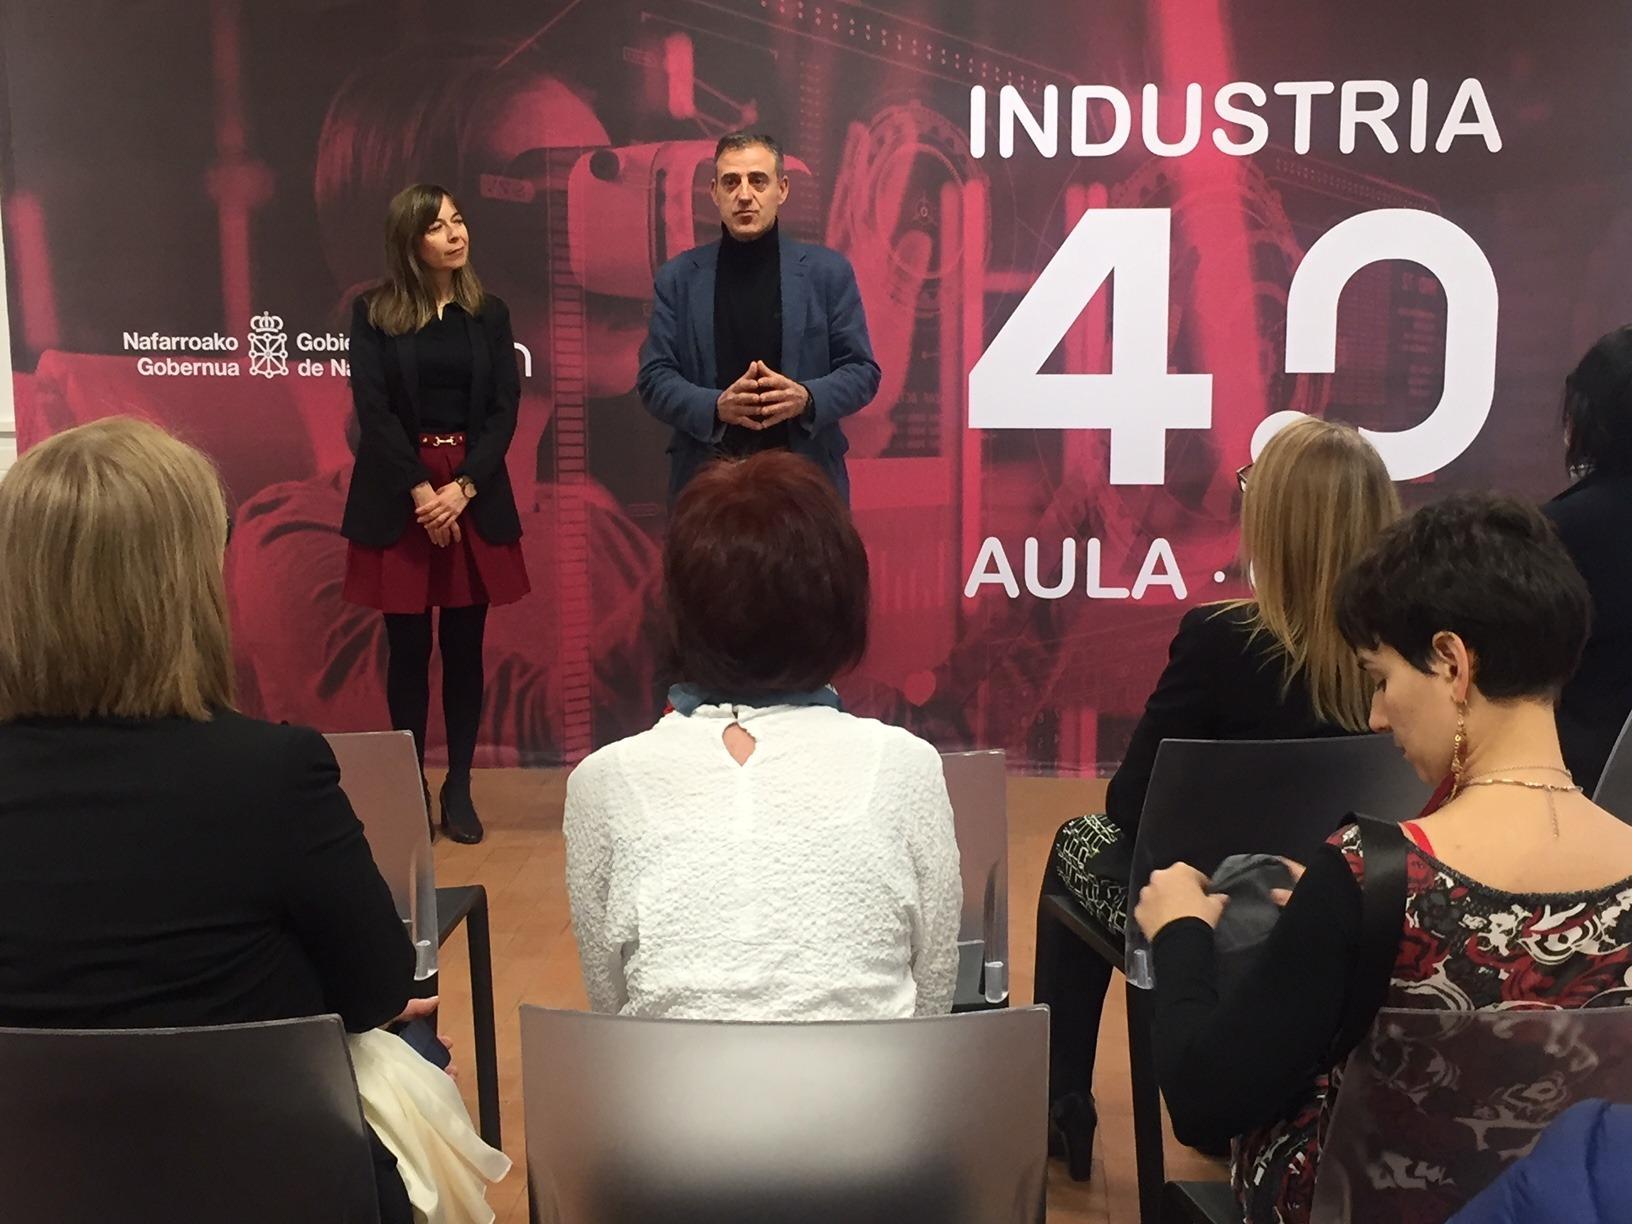 Susana Otazu e Ignacio Catalán en un momento de la visita al nuevo aula 4.0 de Iturrondo.